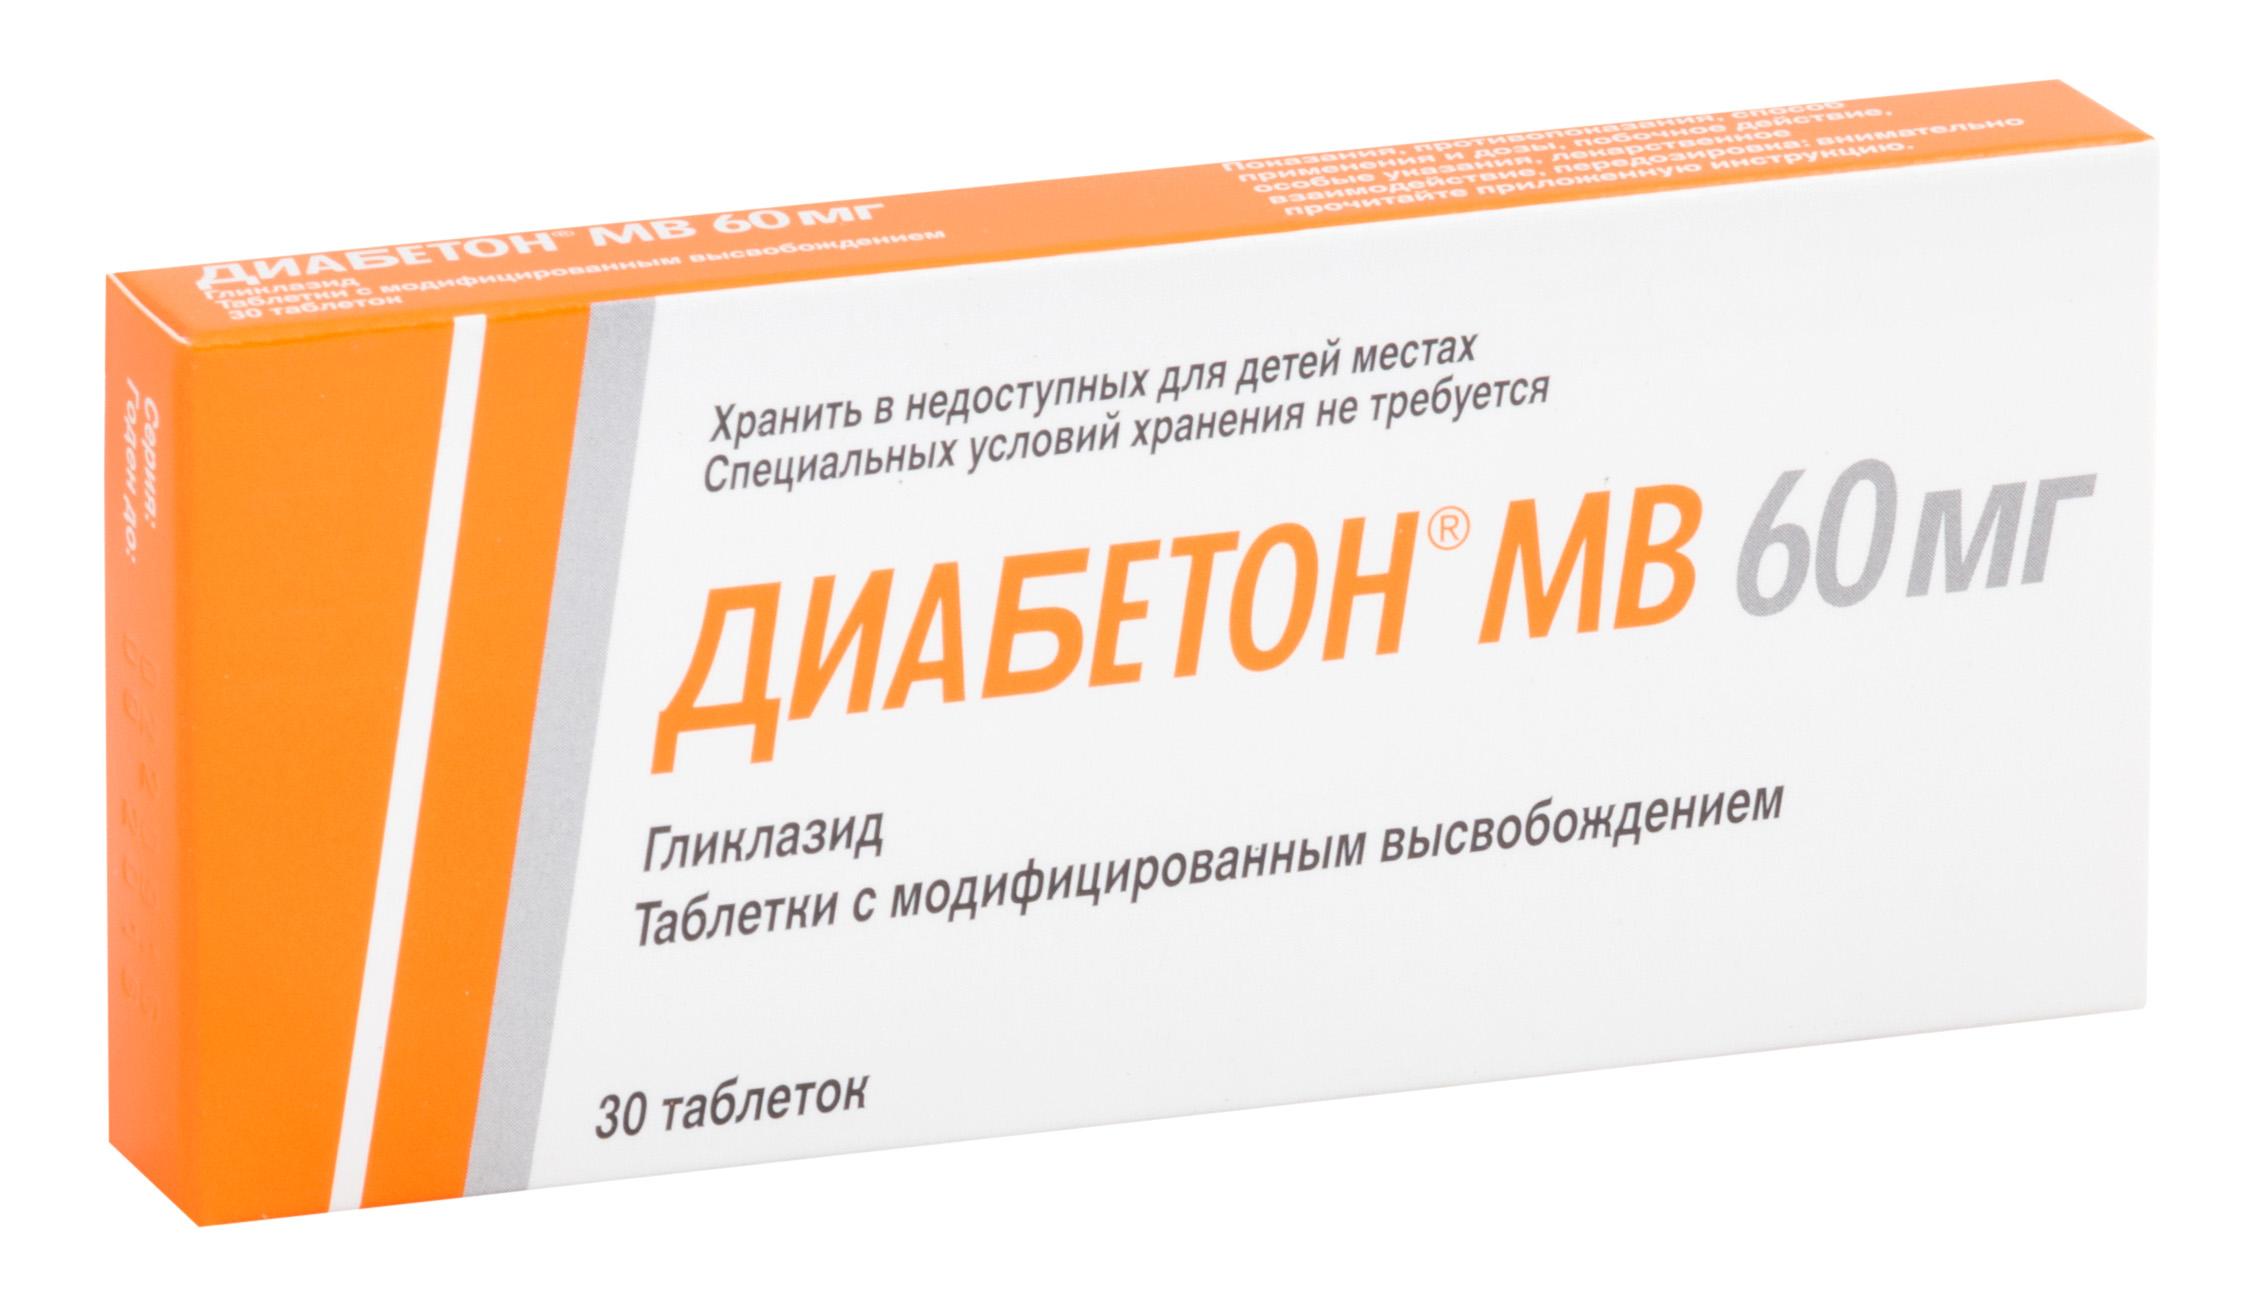 Диабетон mb таб.модиф.высвоб. 60мг n30